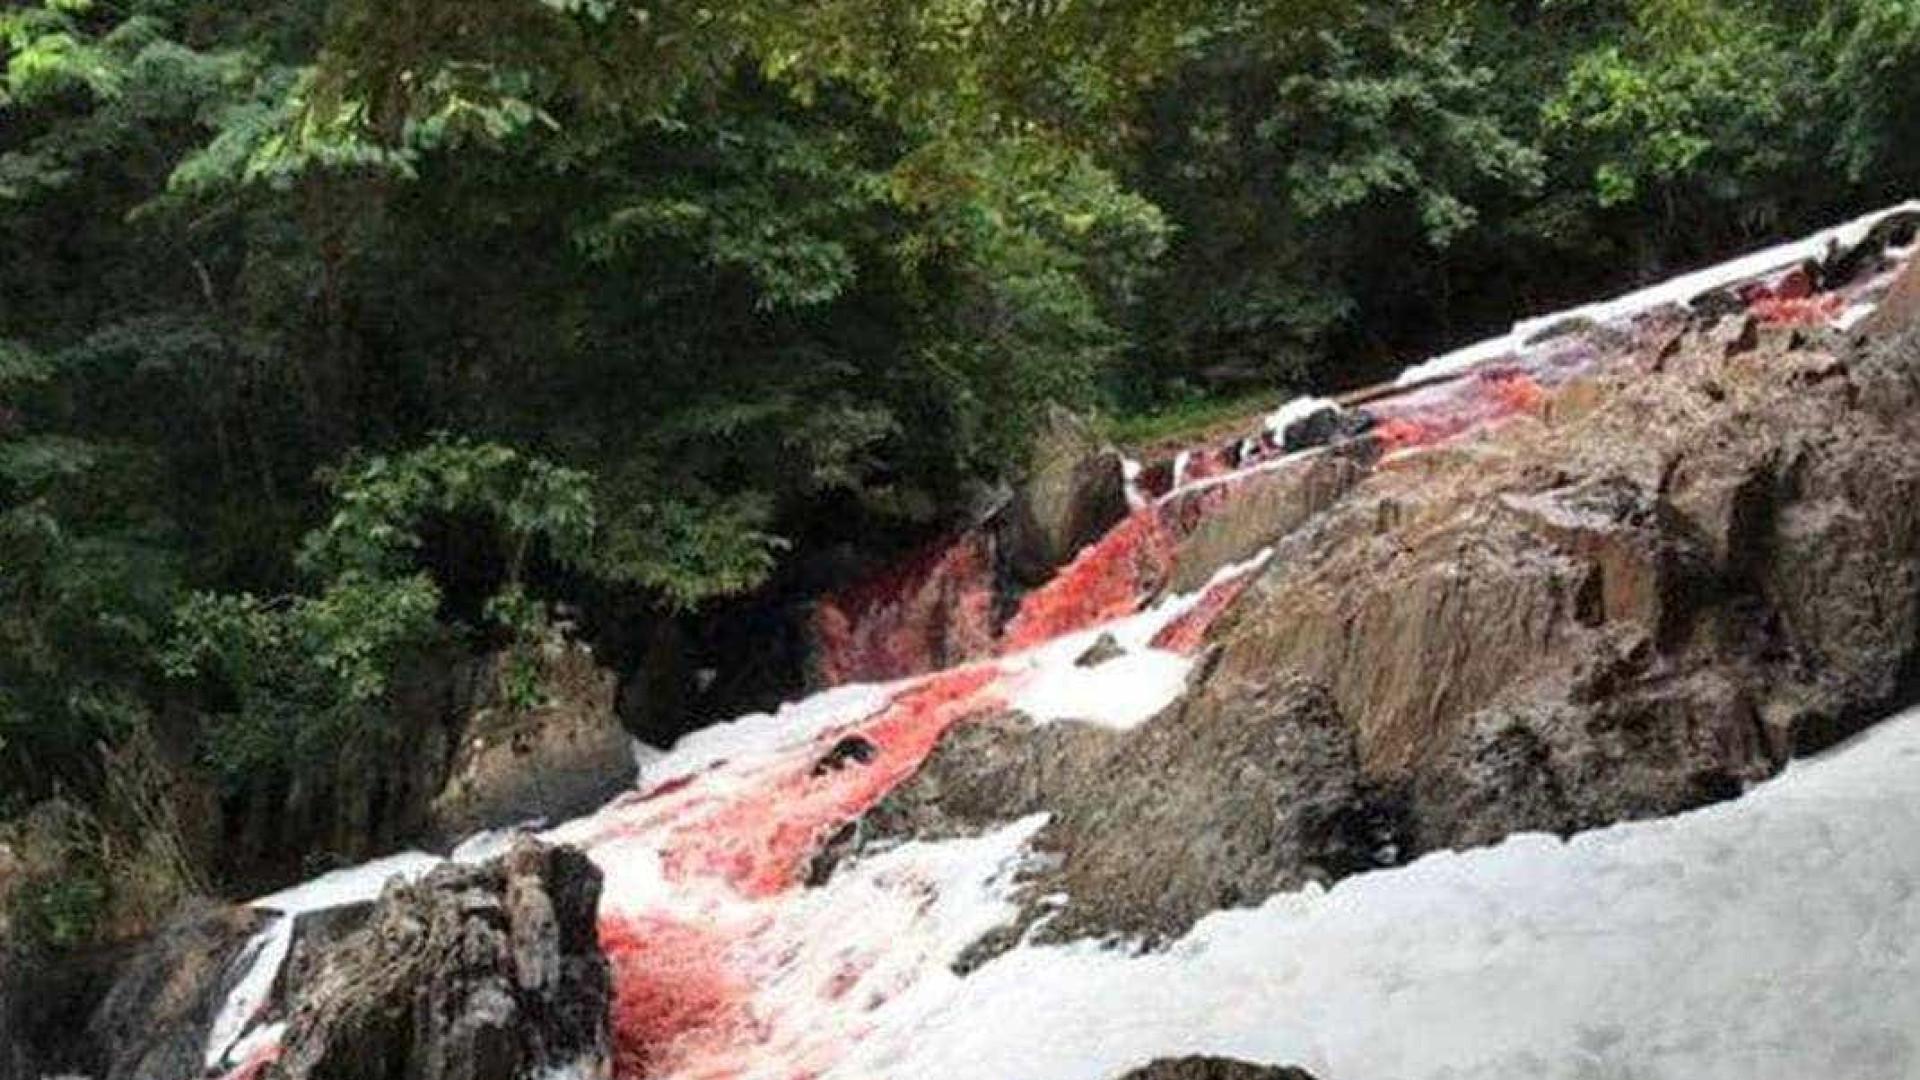 Caminhão tomba e carga de sangue de gado escorre pelo Rio Vermelho